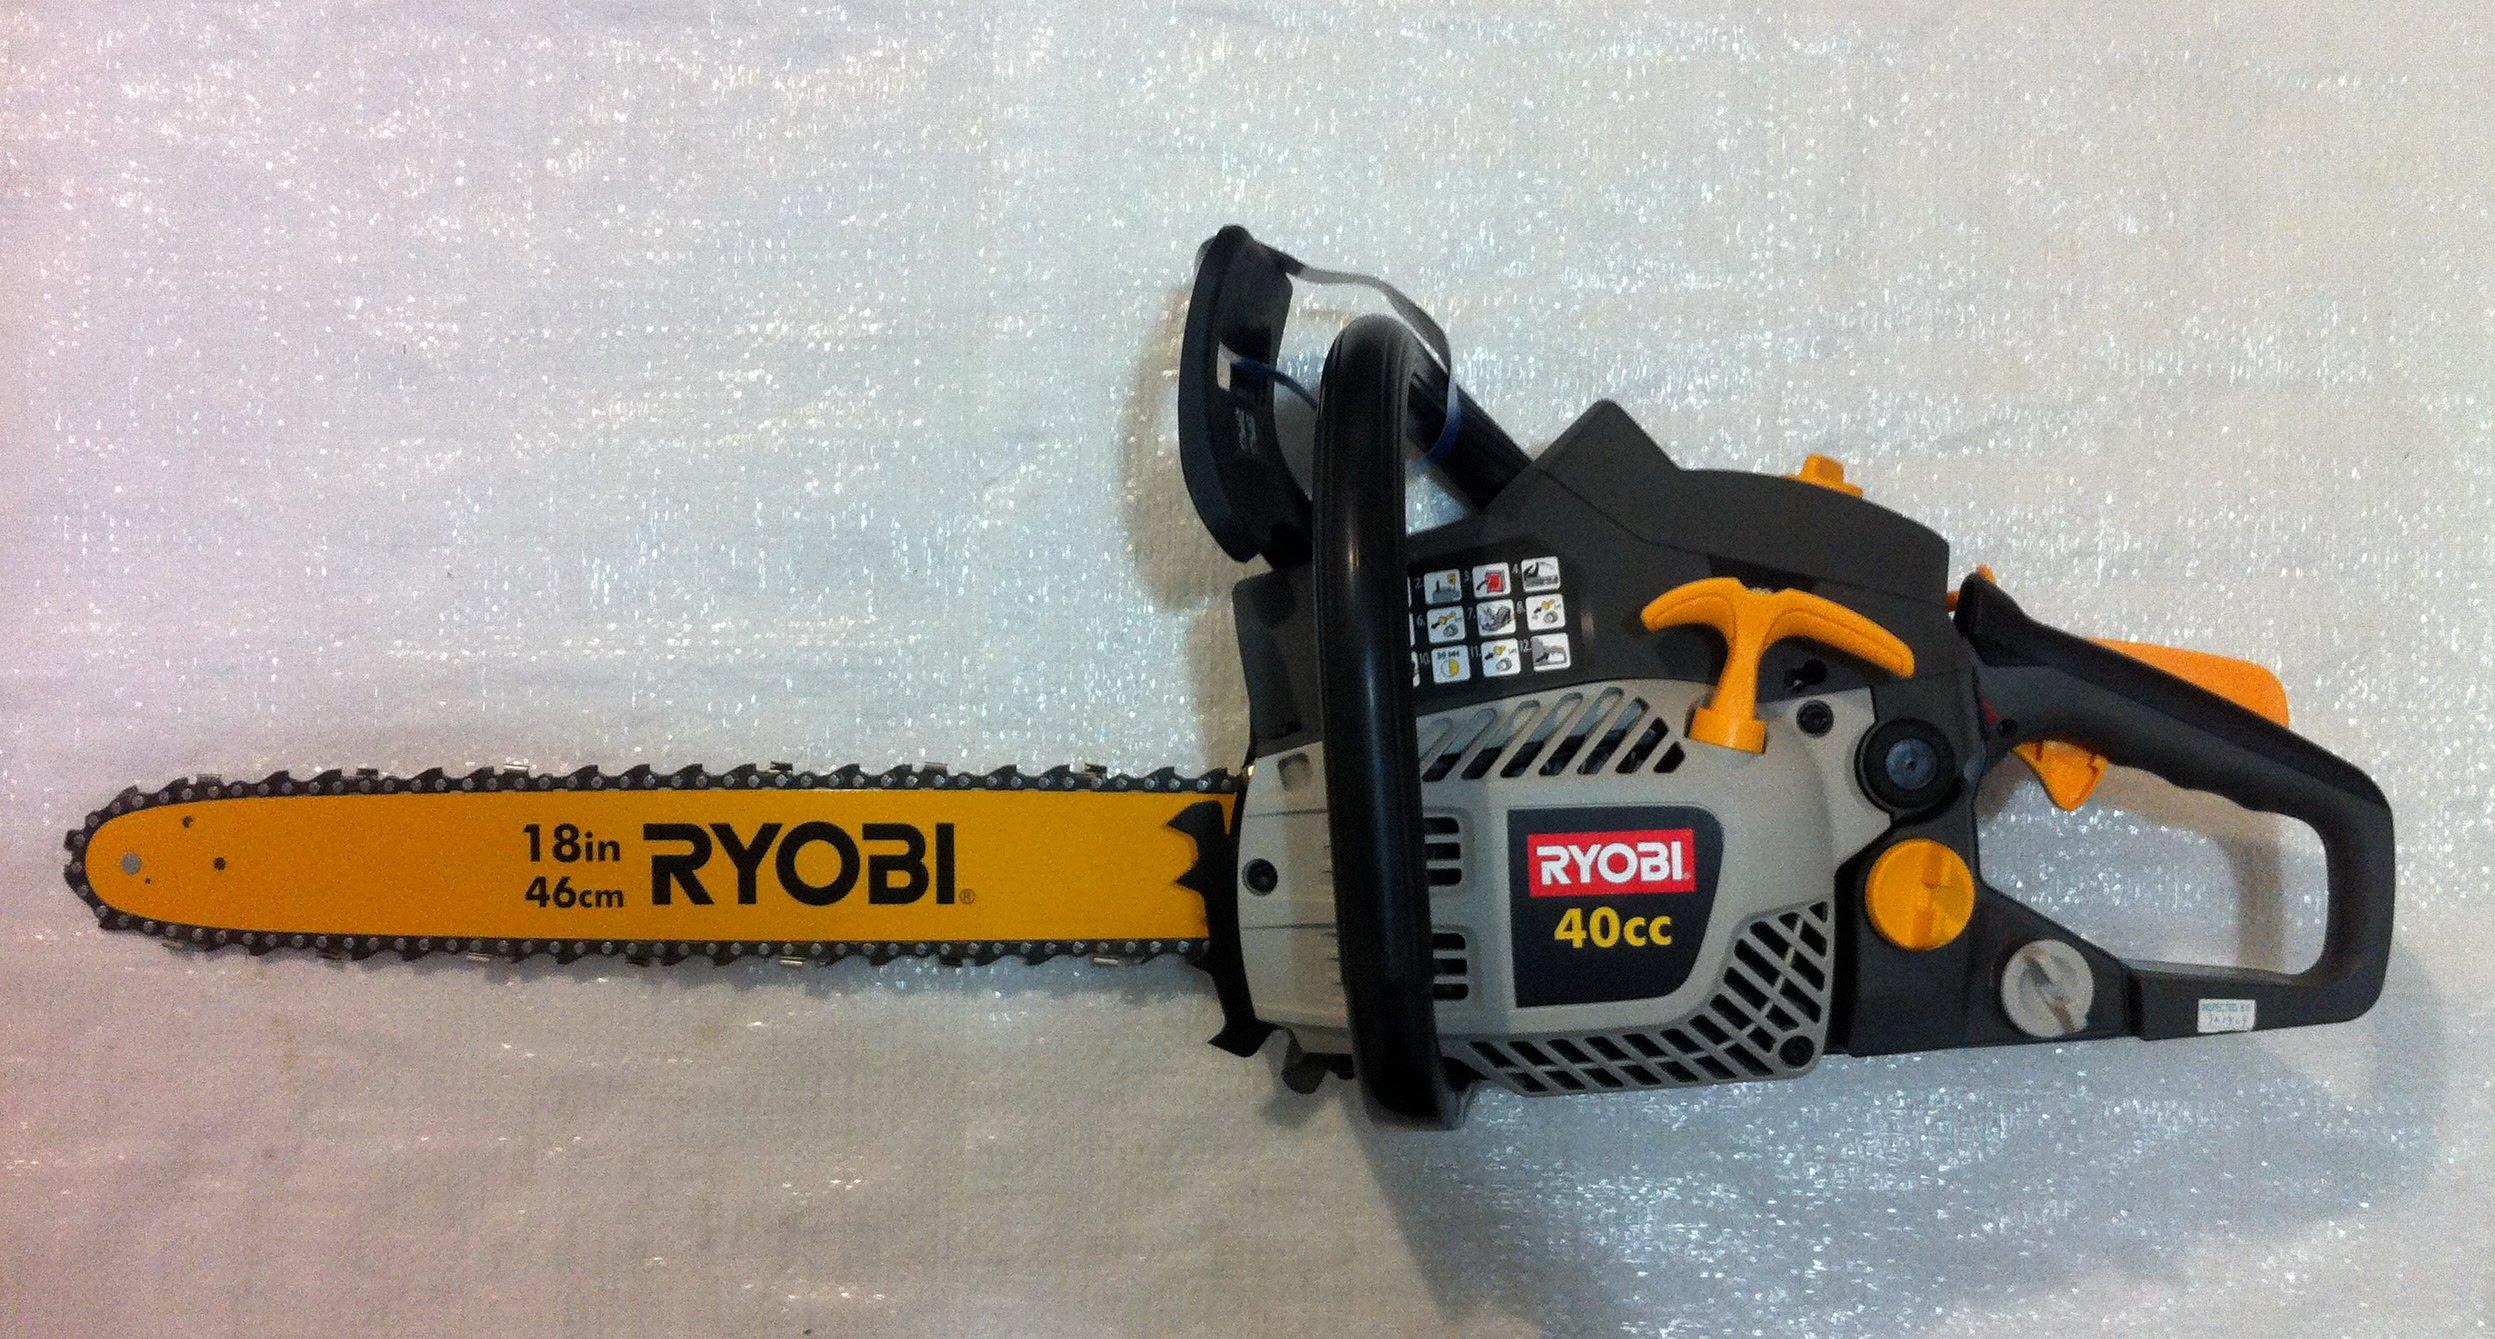 Бензопилы ryobi (риоби) — особенности и характеристики моделей